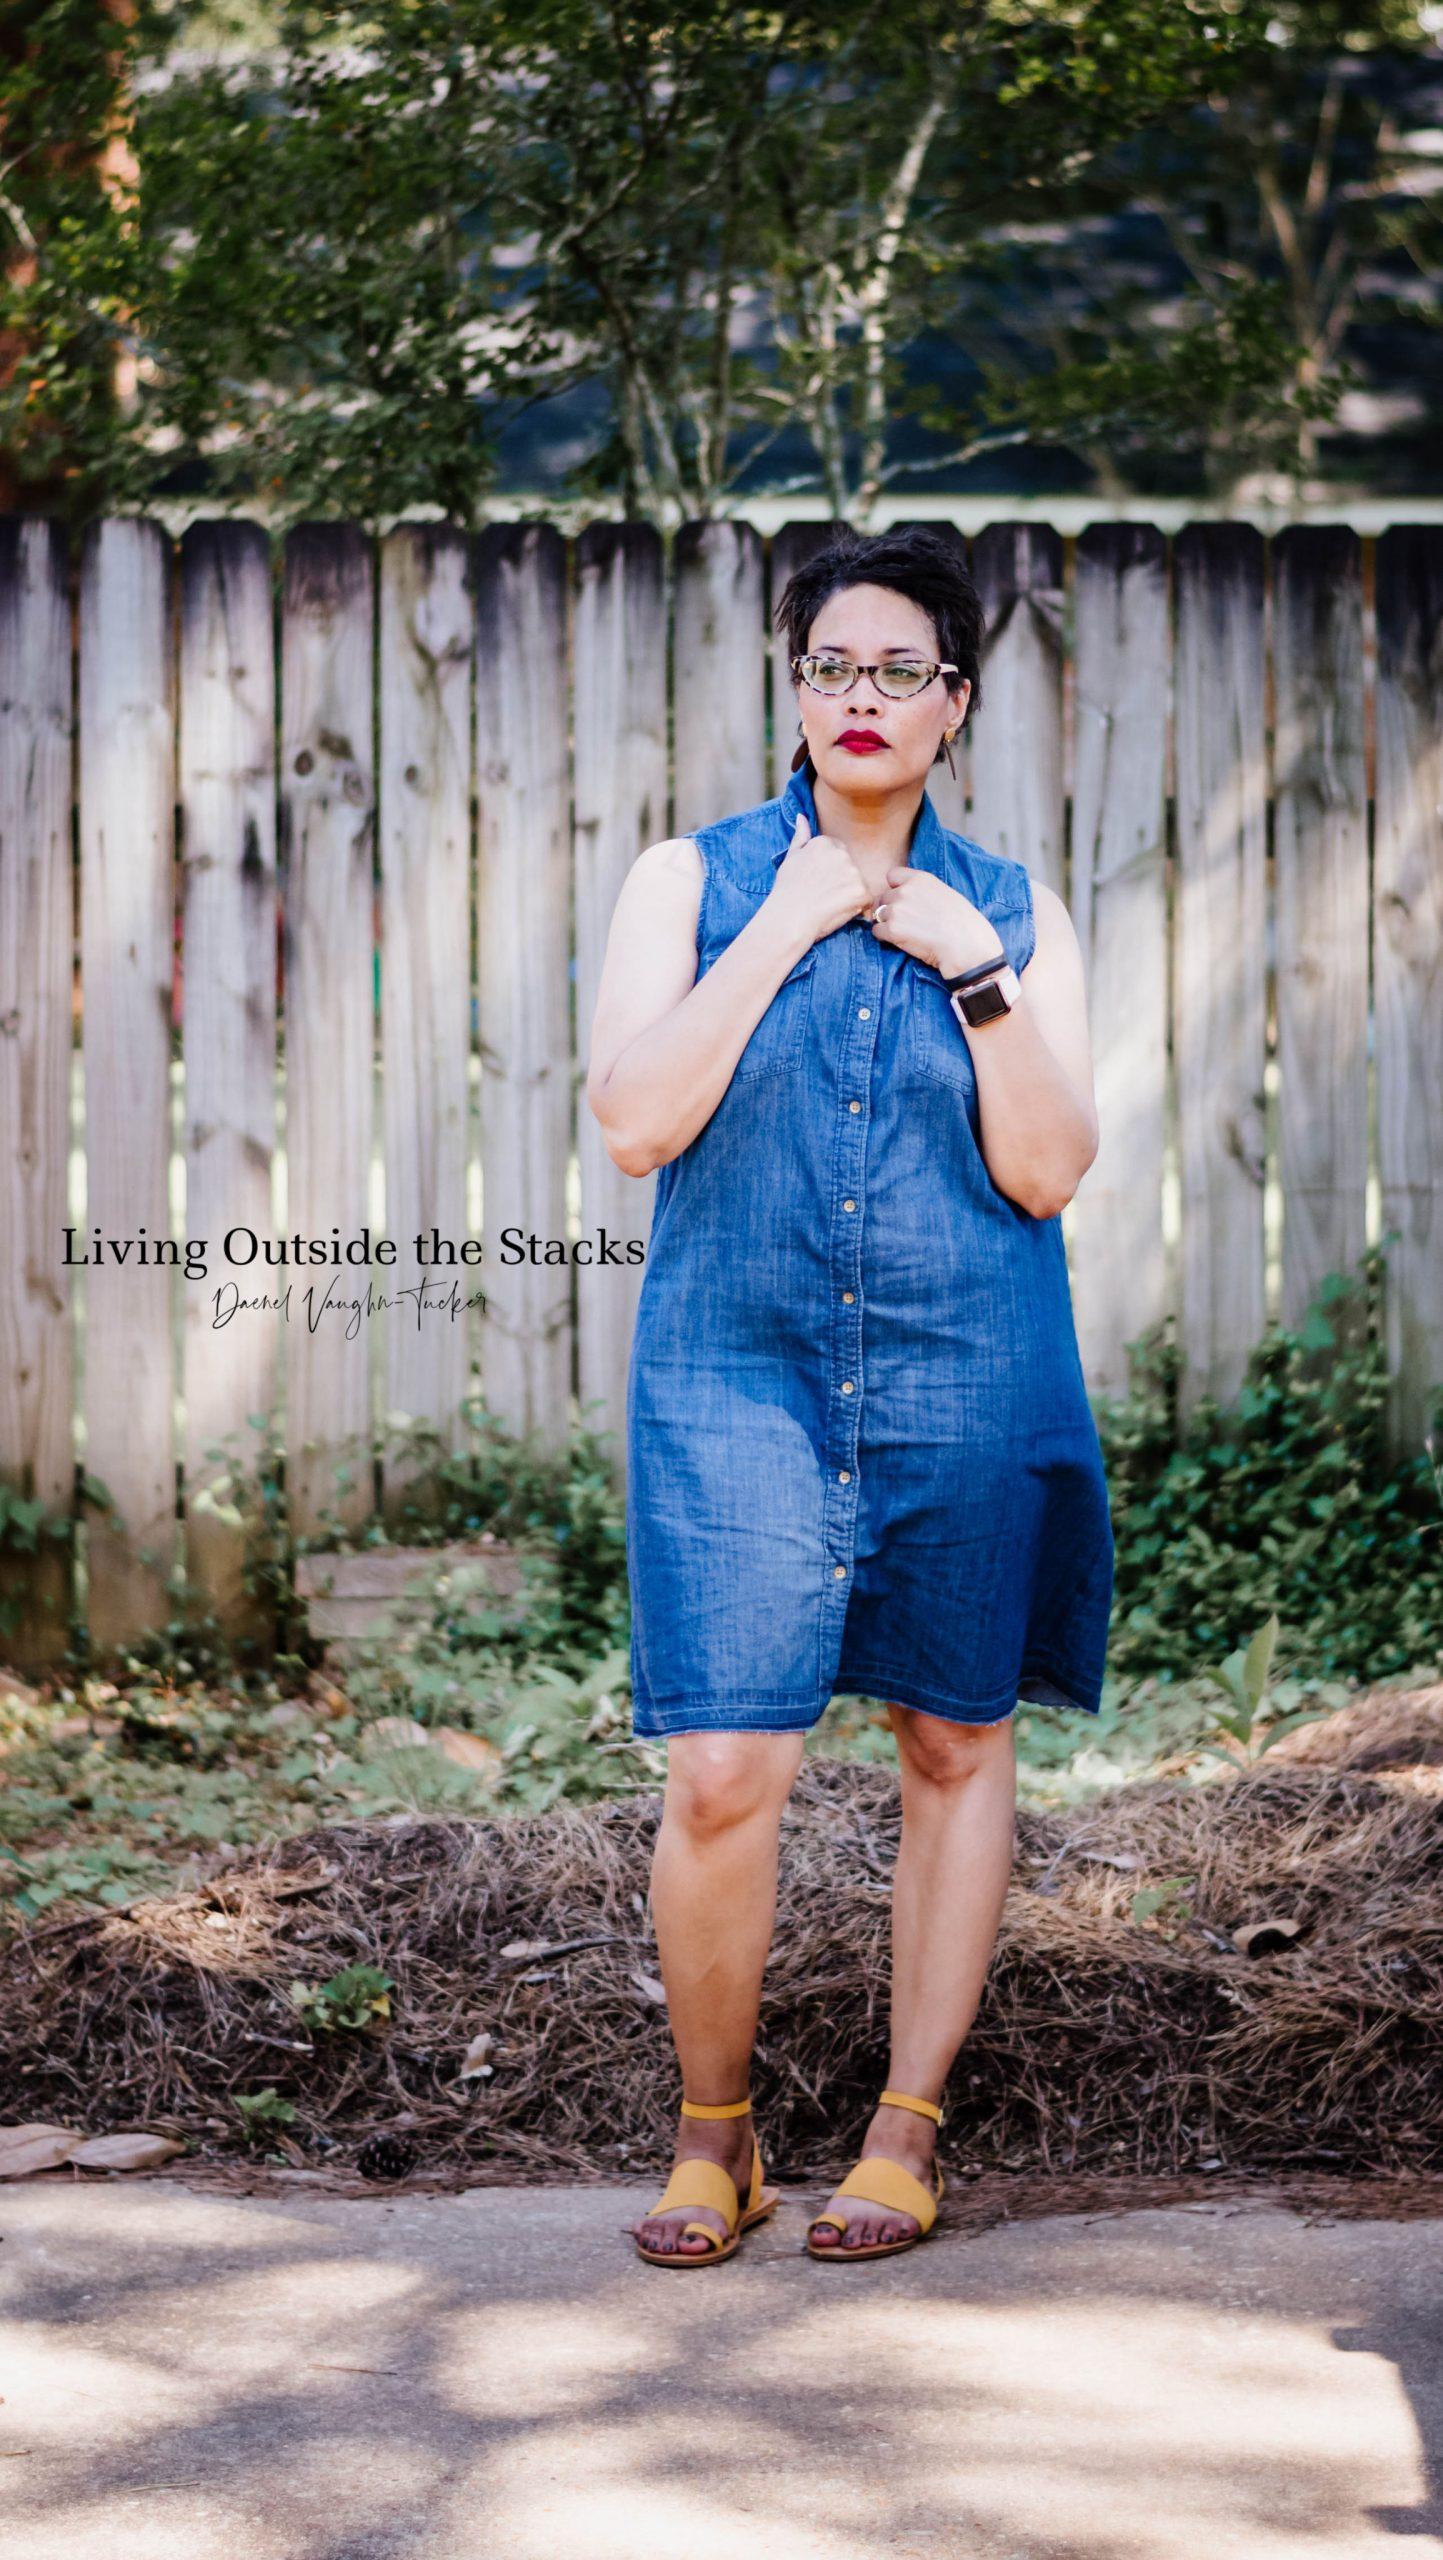 Daenel T {living outside the stacks}